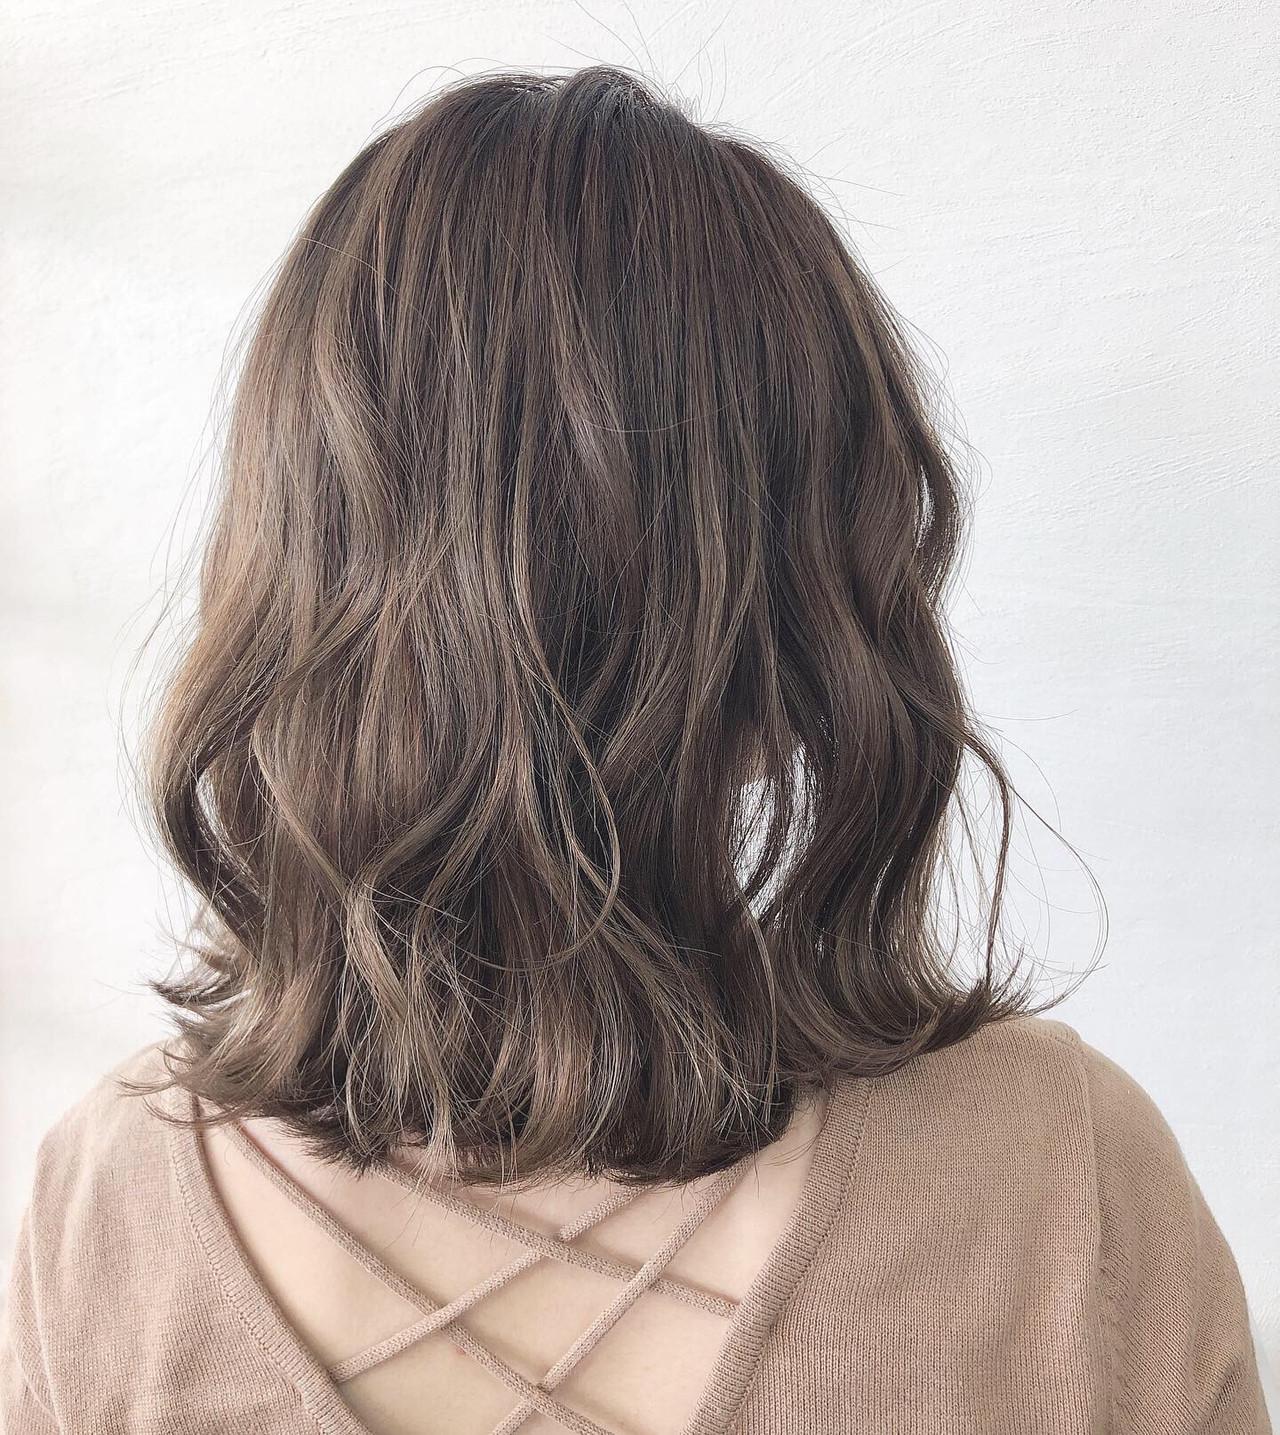 オリーブベージュ オリーブアッシュ ナチュラル オリーブカラー ヘアスタイルや髪型の写真・画像 | Akane Ueda / Chillin Room